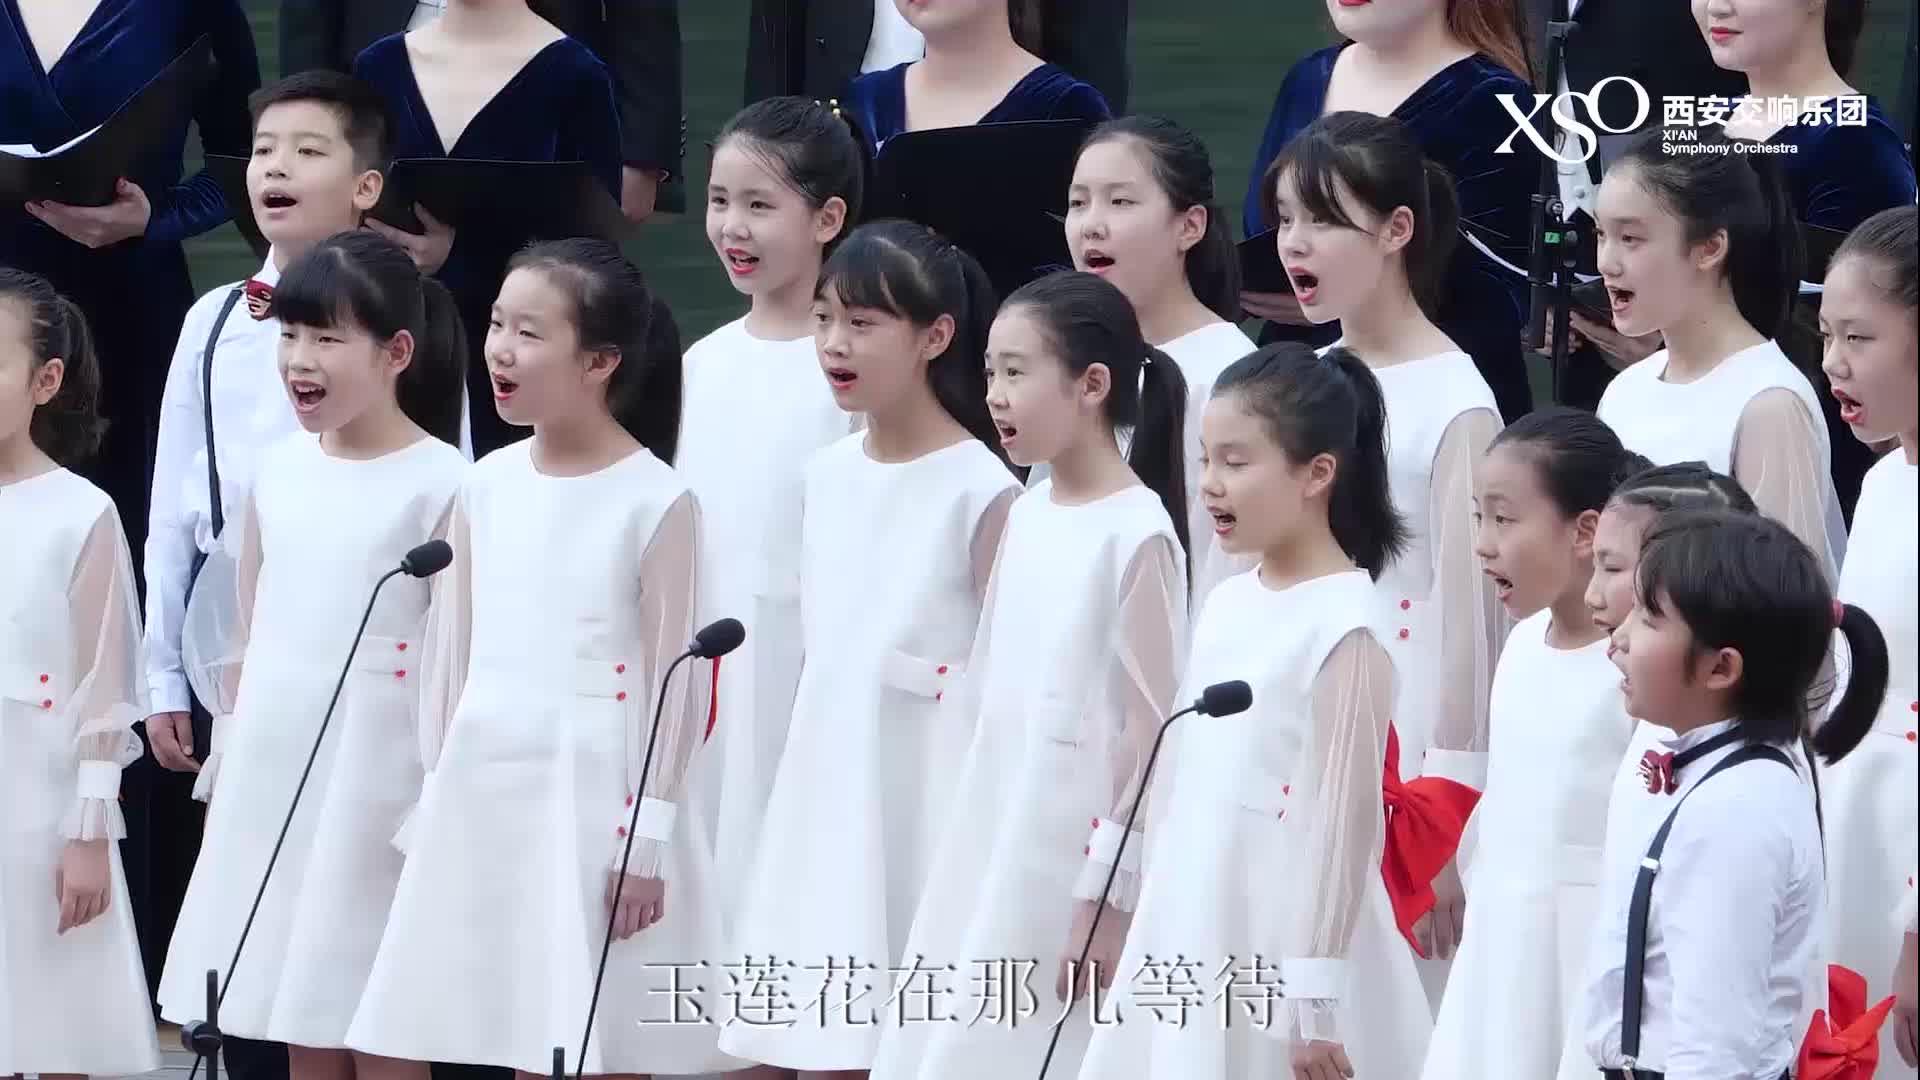 翠华山行音乐会——《乘着歌声的翅膀》